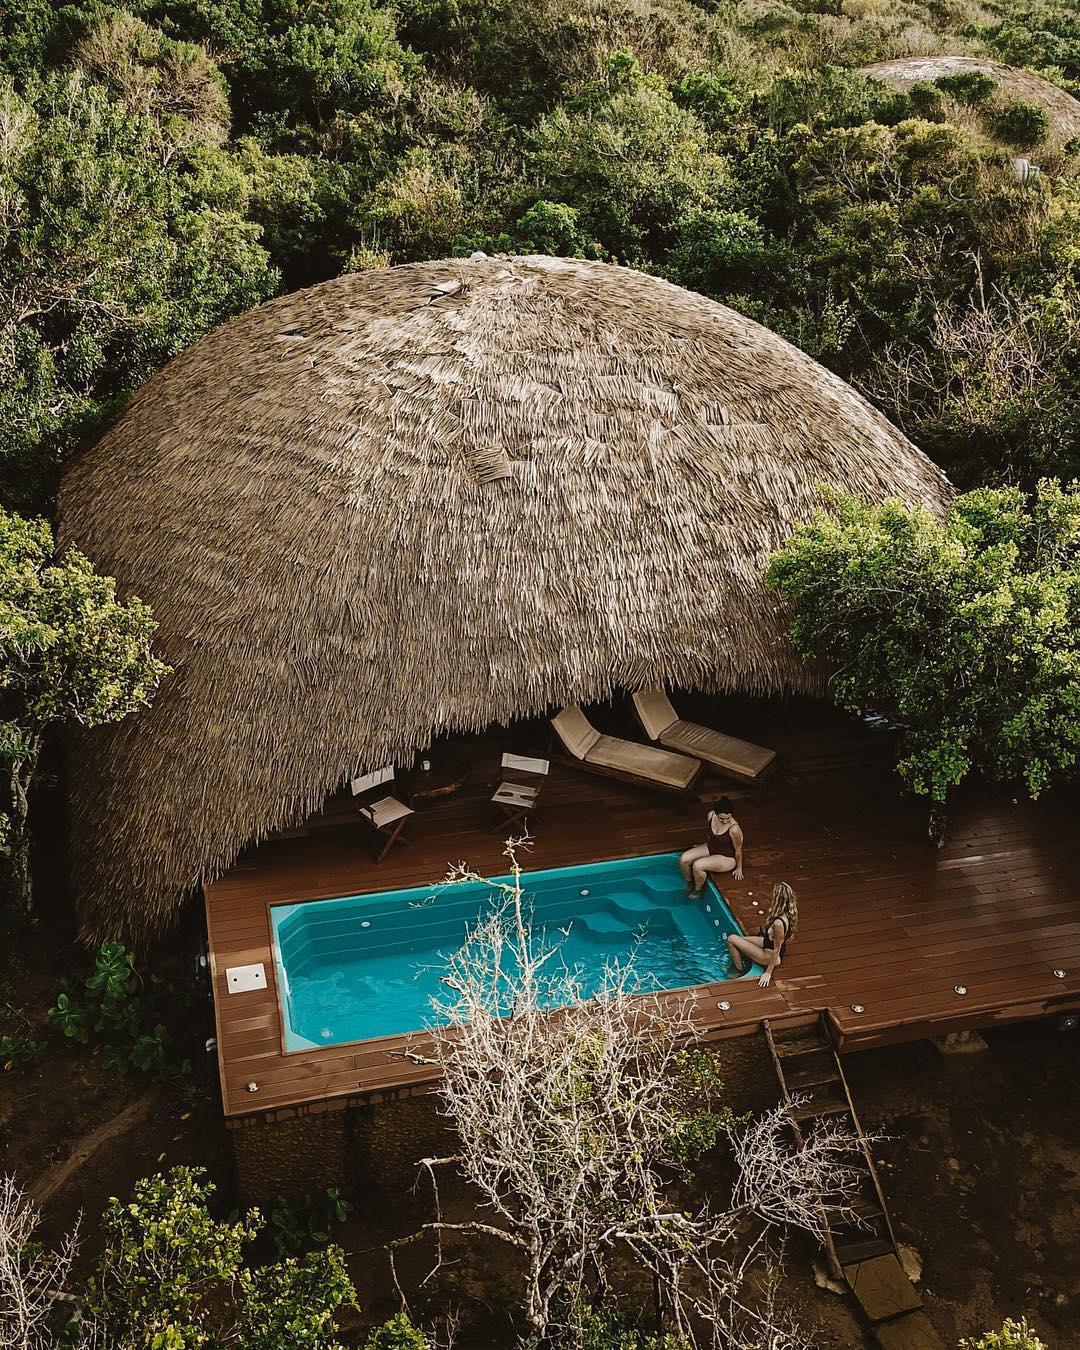 浪漫的野外露营 帐篷酒店Uga逃生者的Chena小屋